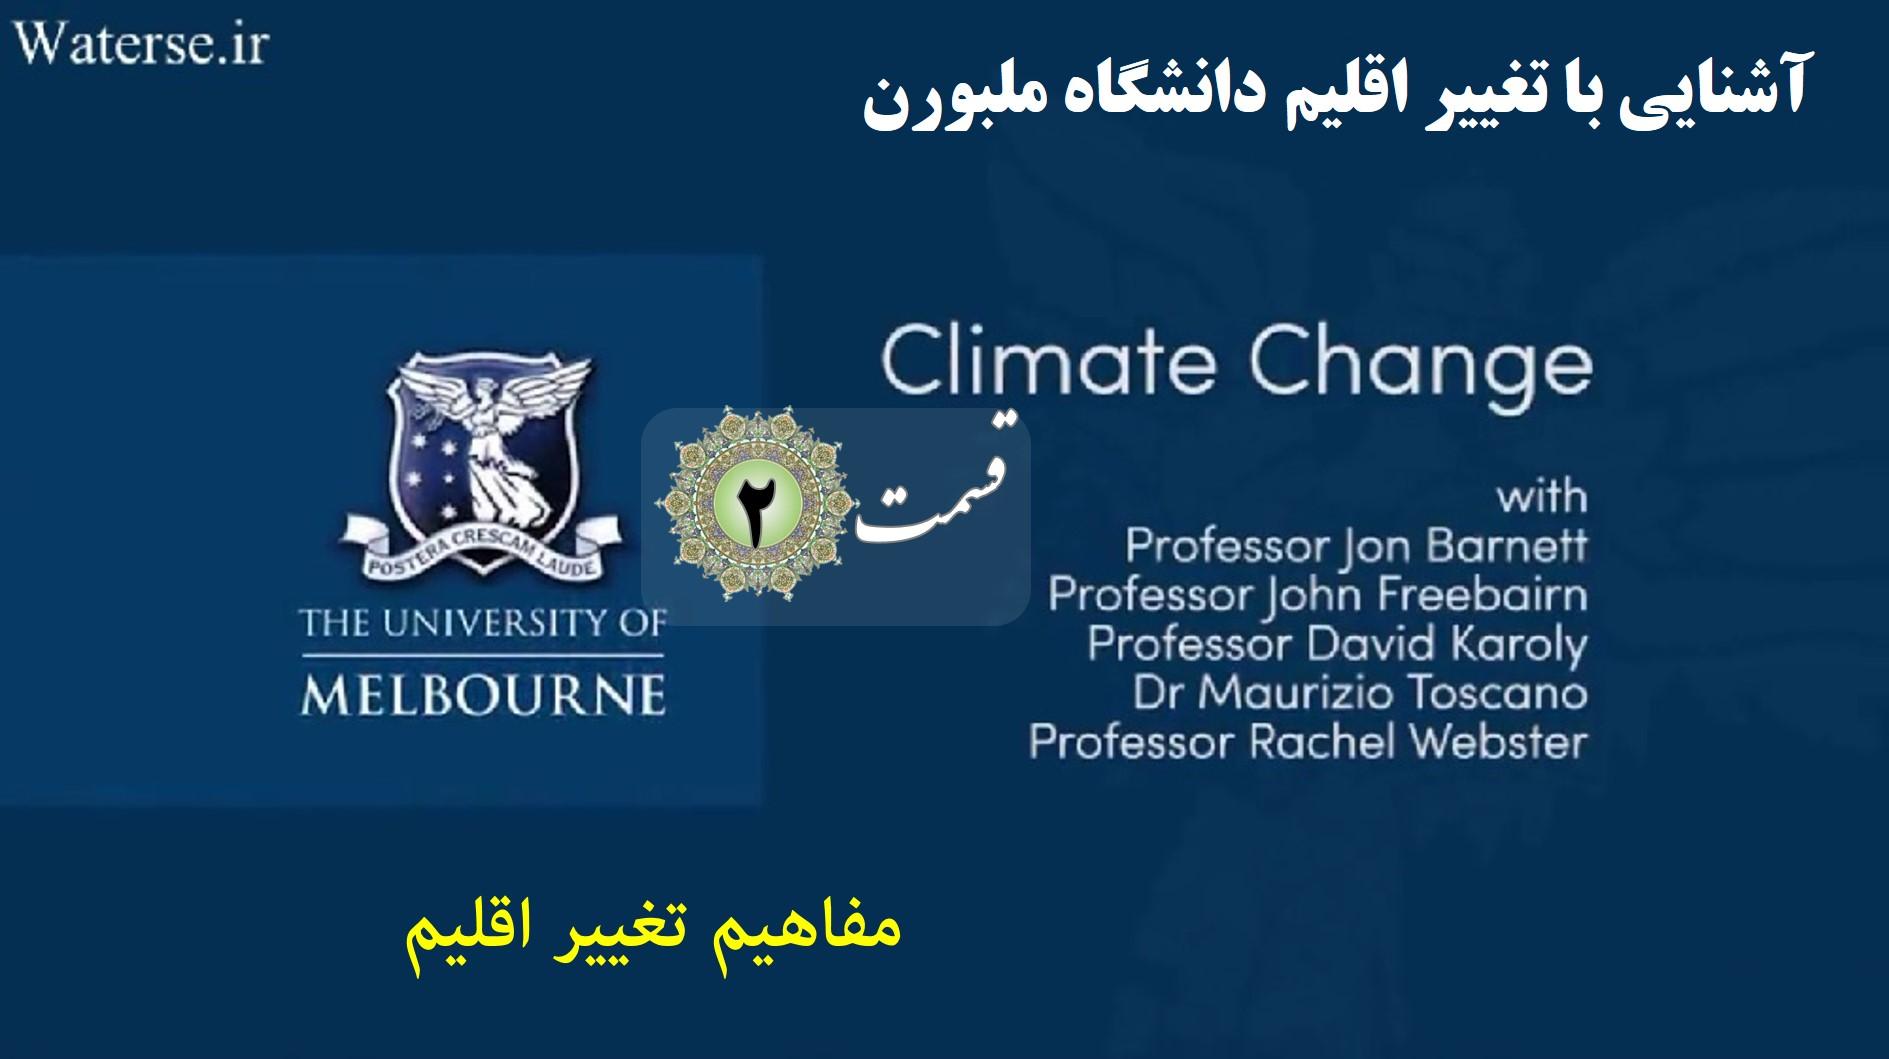 دوره درسی آشنایی با تغییر اقلیم دانشگاه ملبورن - قسمت دوم - مفاهیم تغییر اقلیم